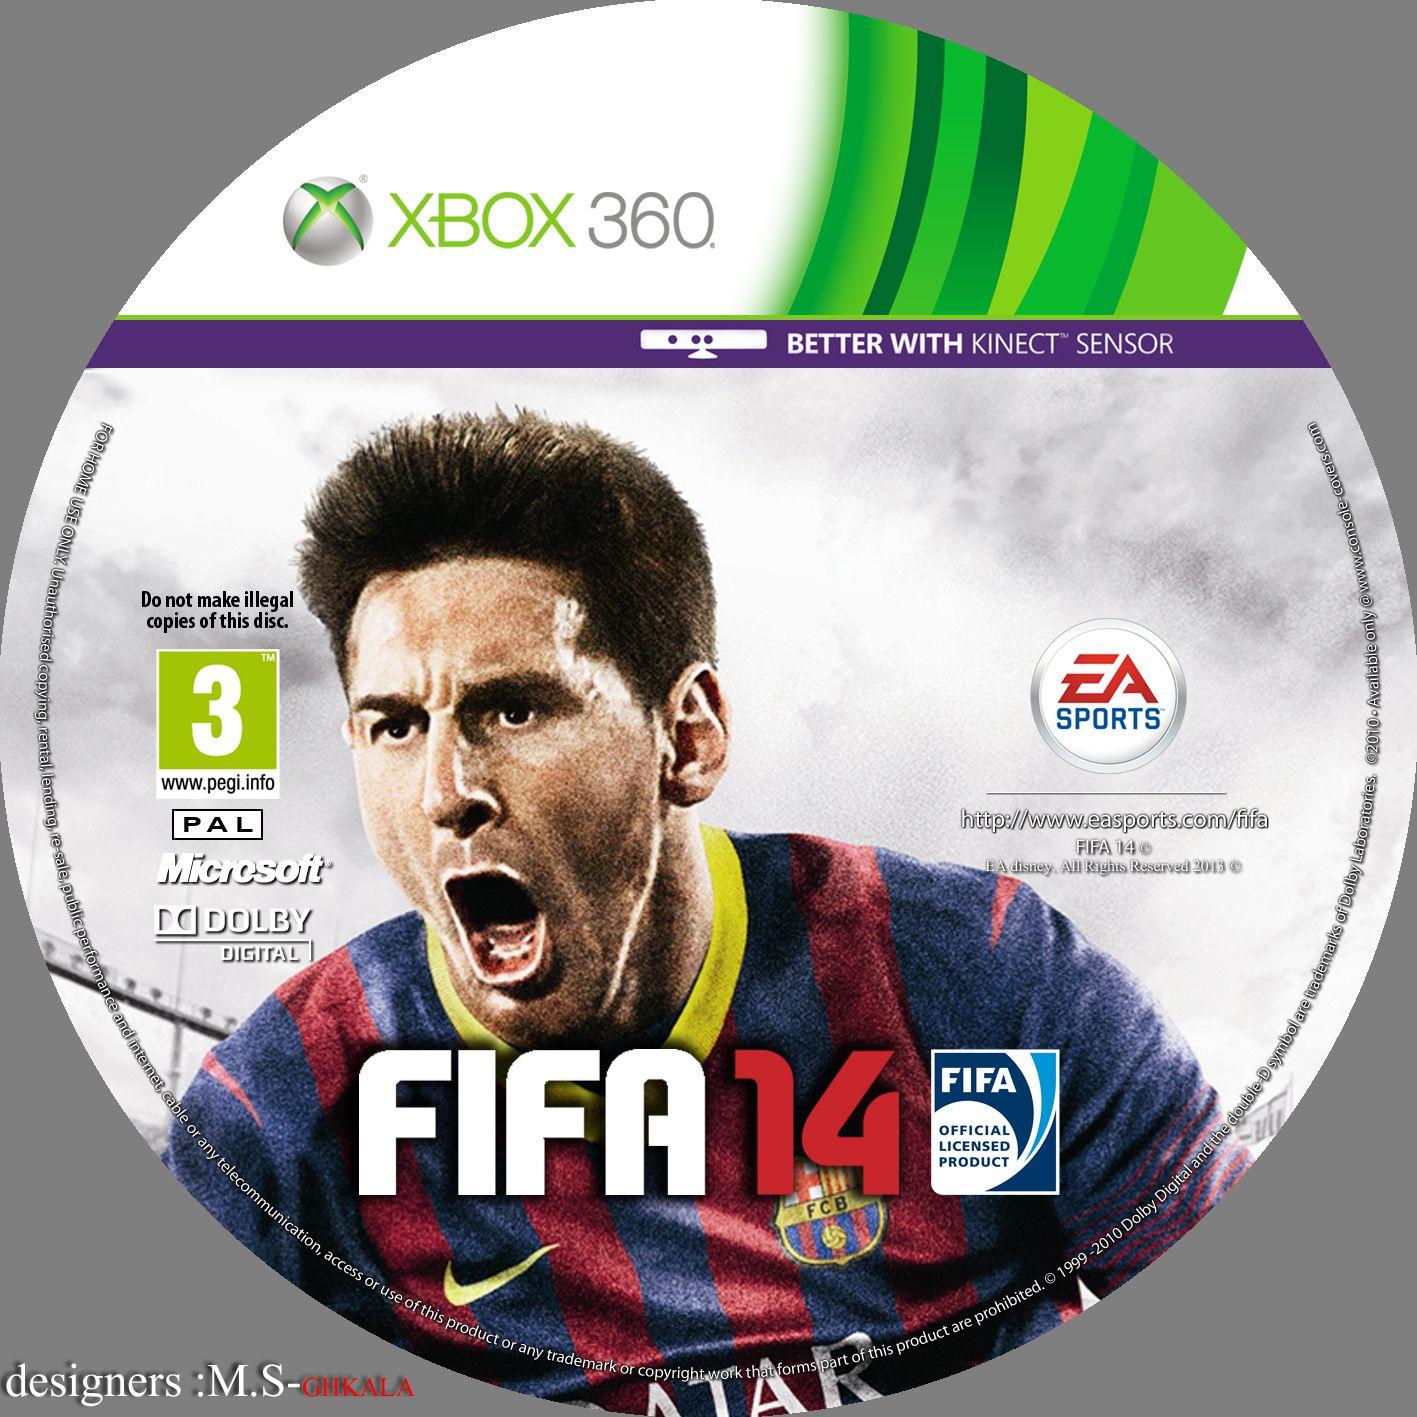 http://1.bp.blogspot.com/-DLROVyGT6cs/UgPXl_gD_nI/AAAAAAAAsZI/Fn0ydgSJ5gE/s1600/FIFA+14.jpg